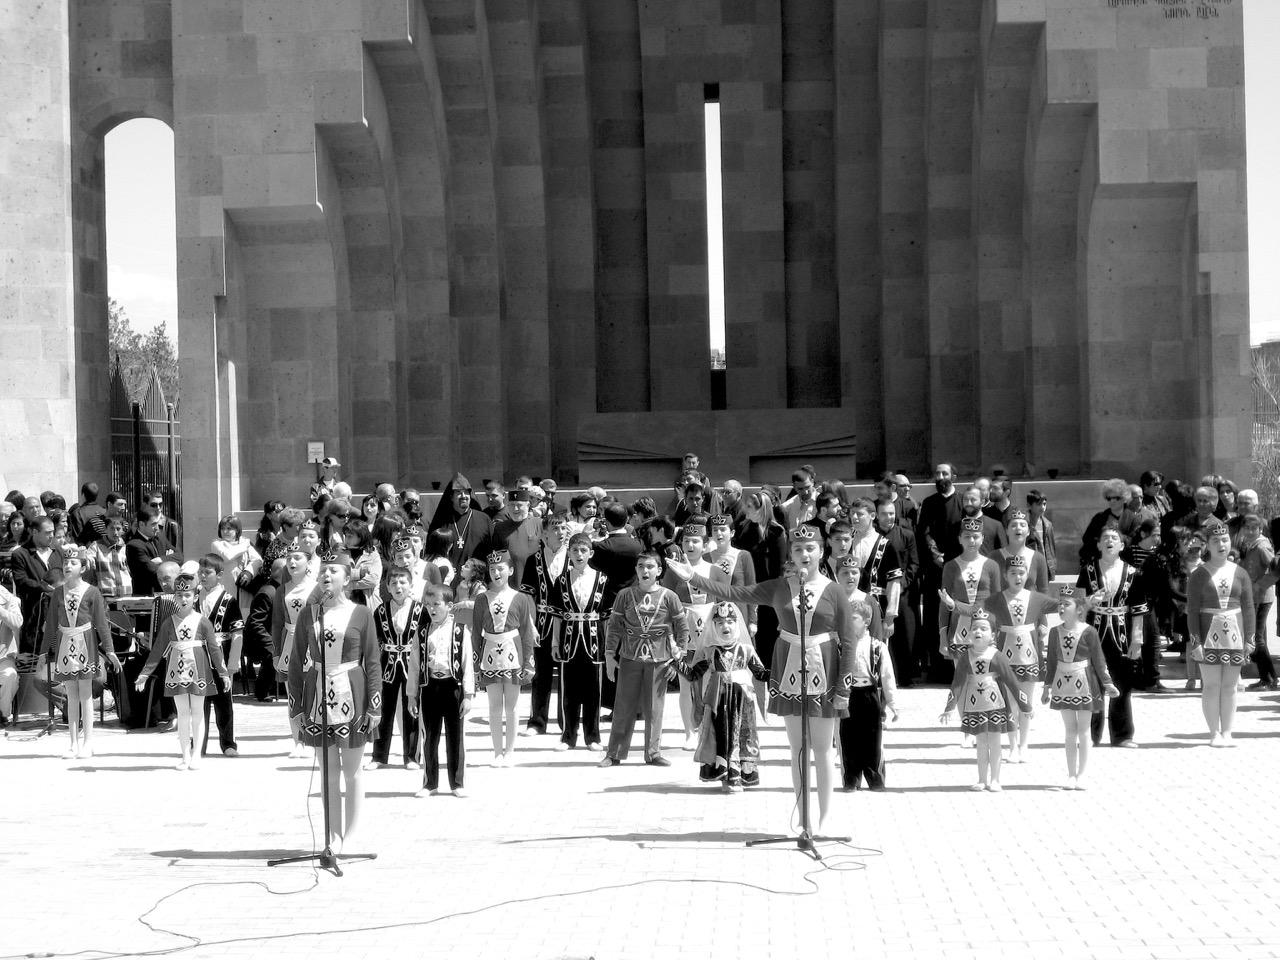 Foto: Freiluftaltar. Aus: Eriwan. Kapitel 6 Aufzeichnungen aus Armenien von Marc Degens.